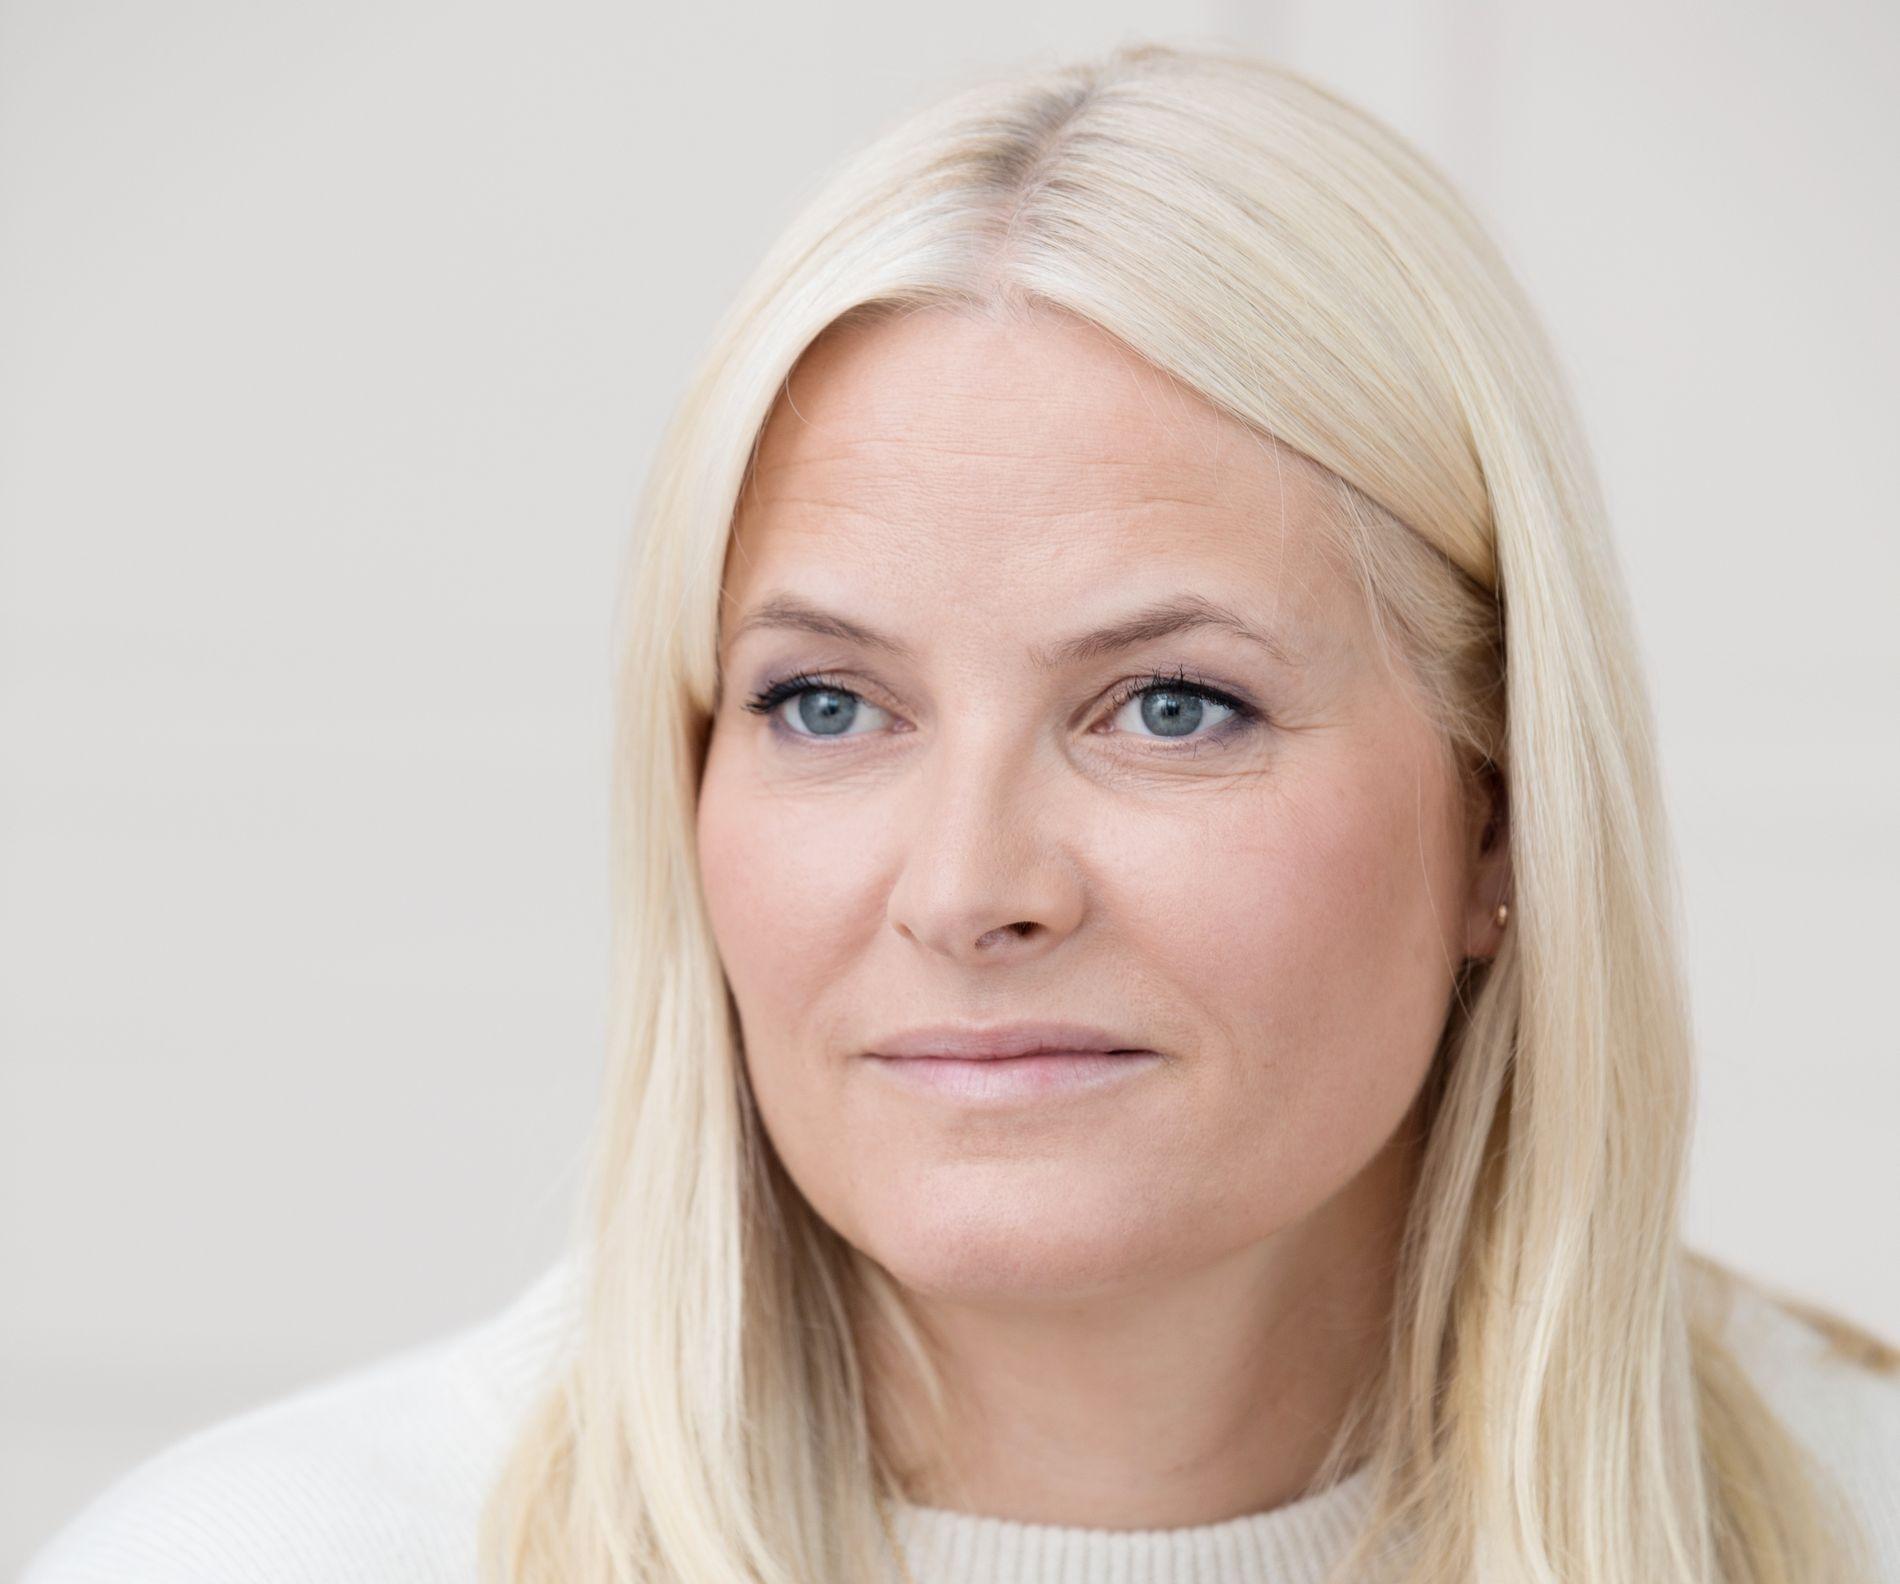 PERSONLIG: Kronprinsesse Mette-Marit er sammen med Geir Gulliksen redaktør for boken «Hjemlandet og andre fortellinger» som kommer ut i dag.